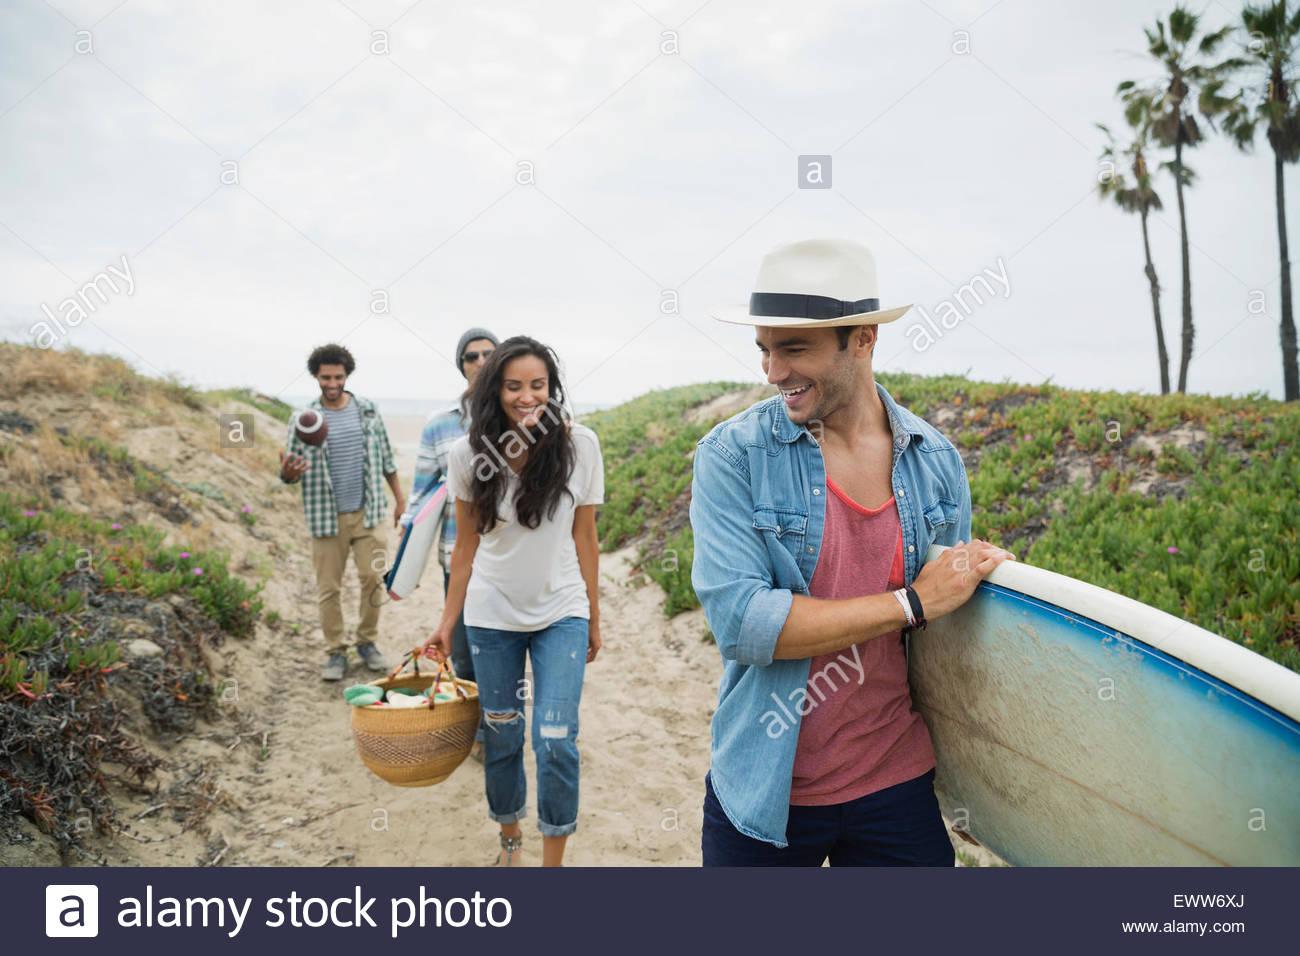 L'exécution d'amis surfboard et panier pique-nique chemin de plage Photo Stock